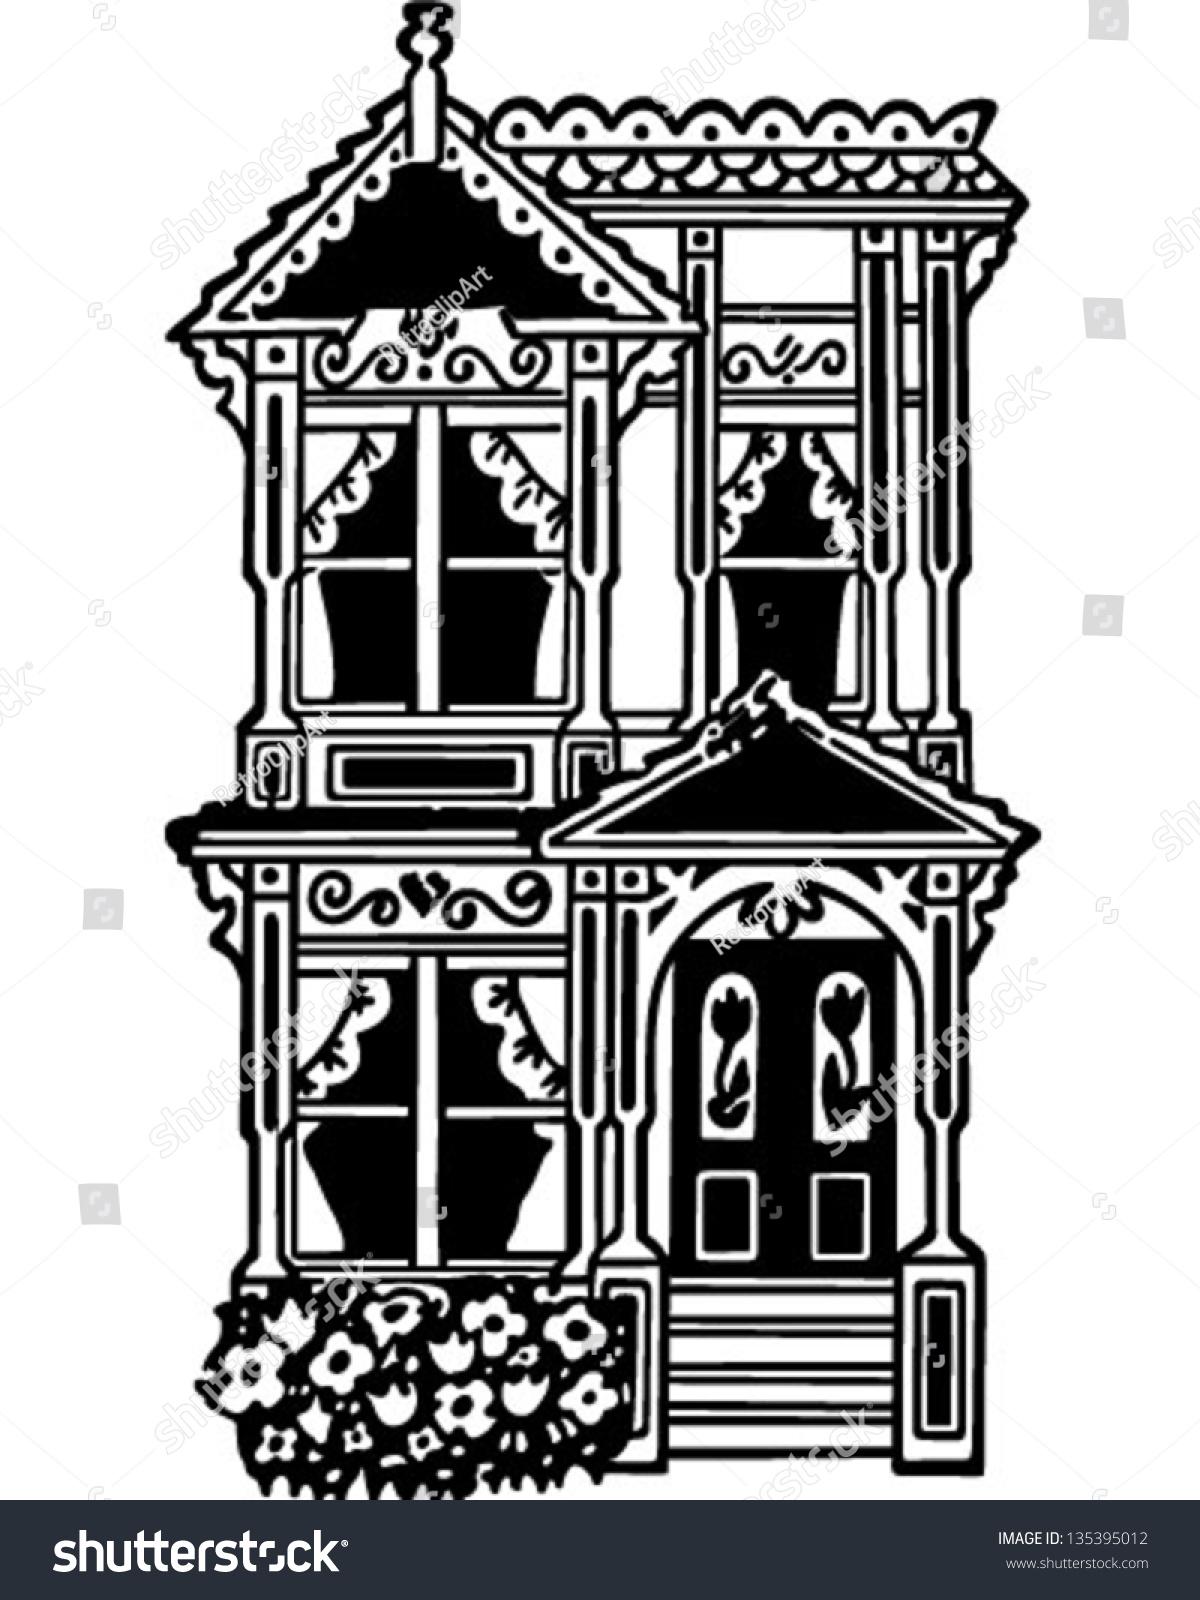 Victorian Row House Retro Clip Art Stock Vector 135395012 ...